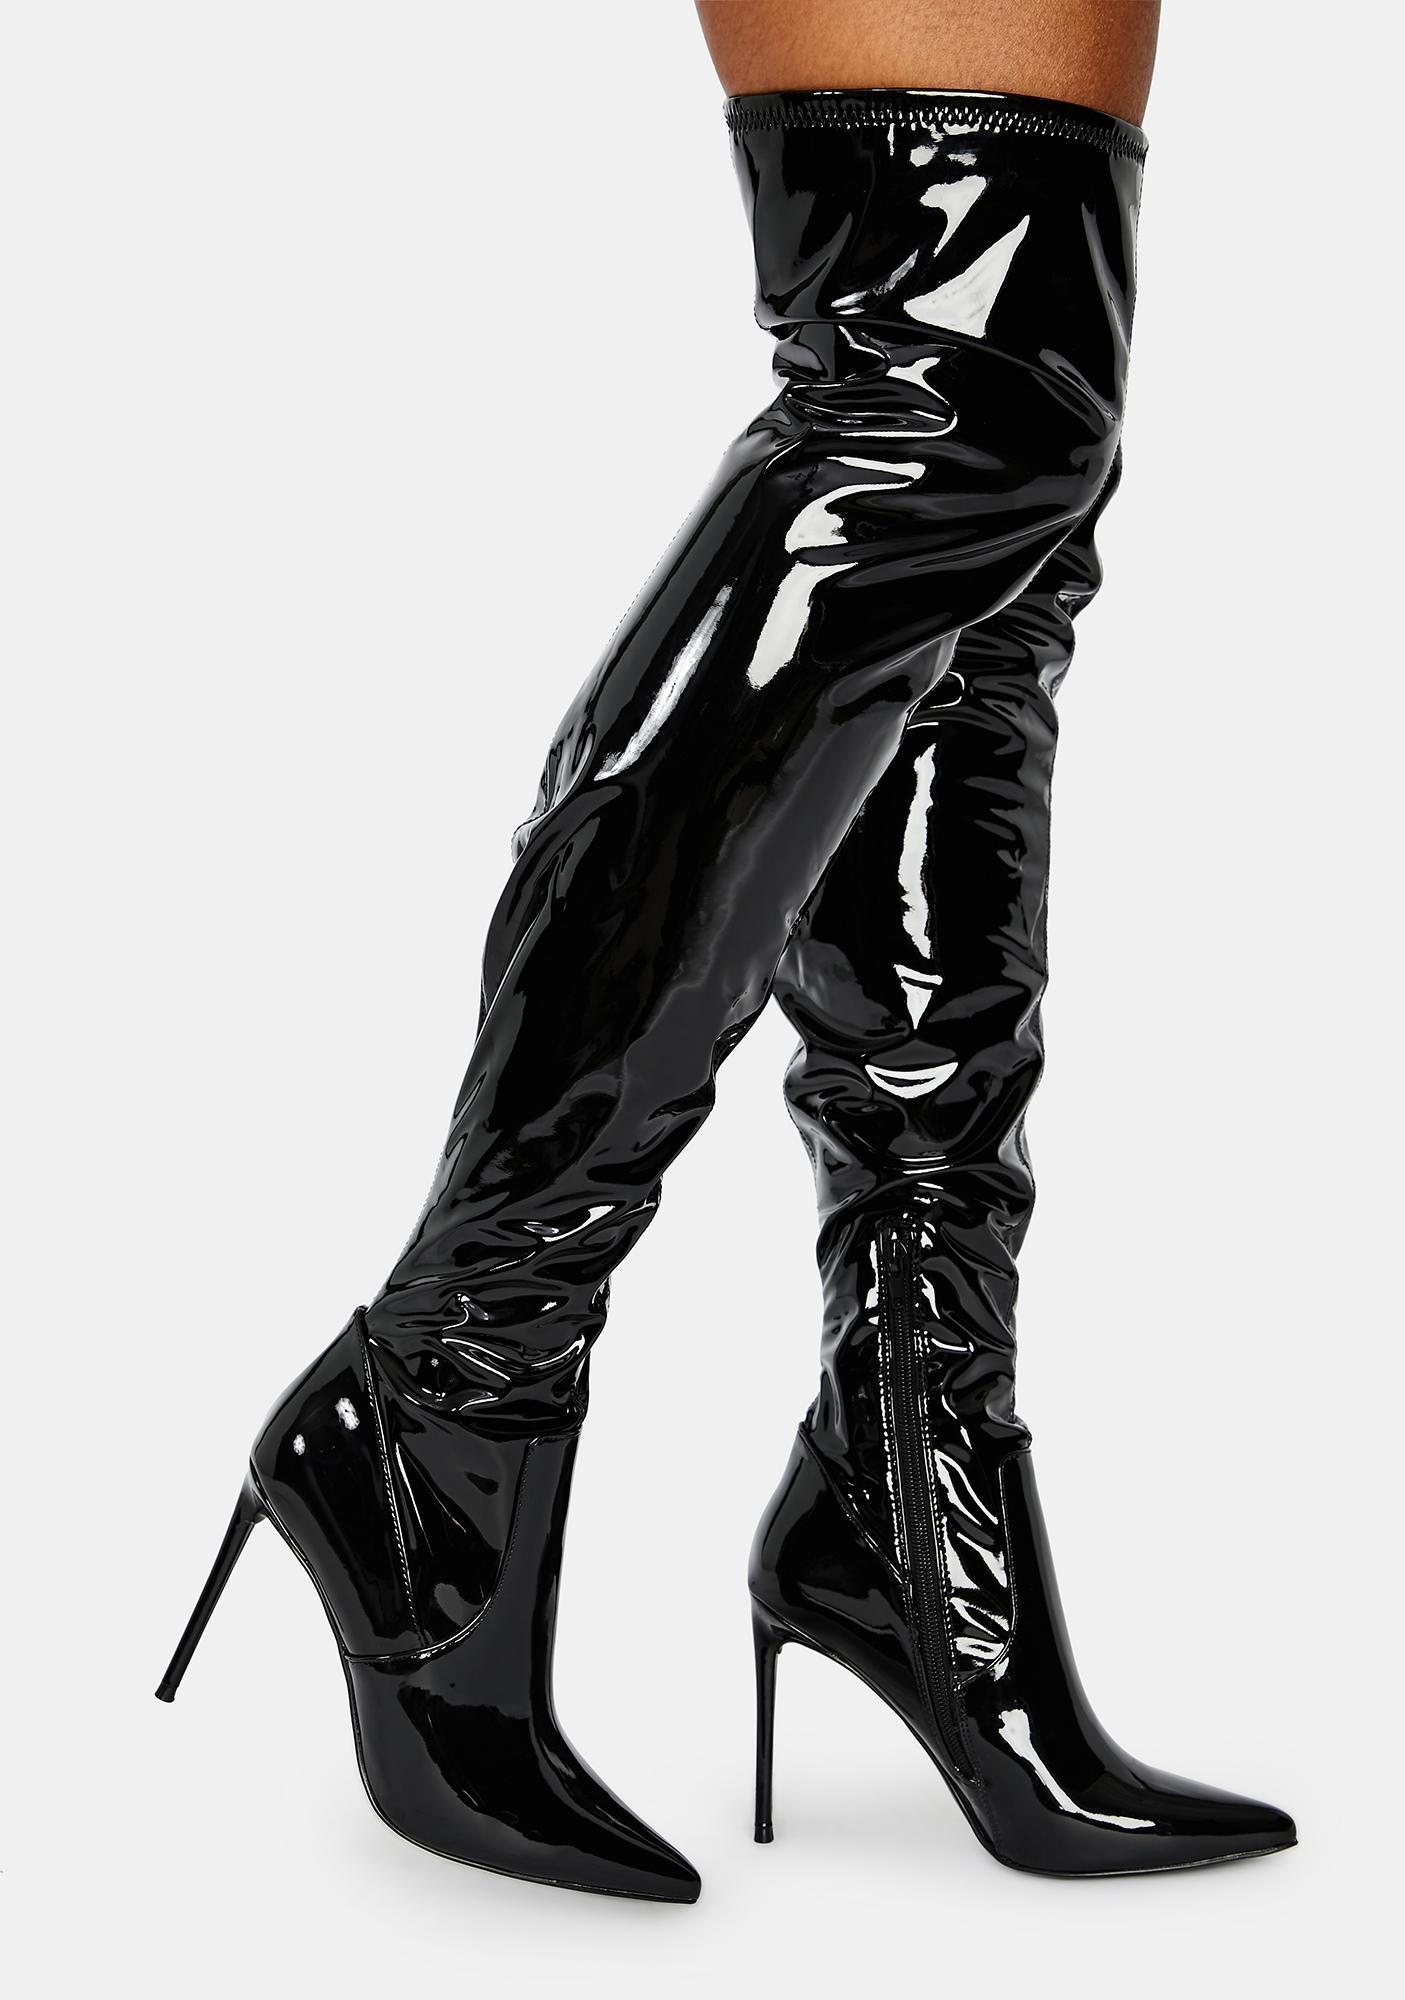 Steve Madden Patent Viktory Knee High Boots